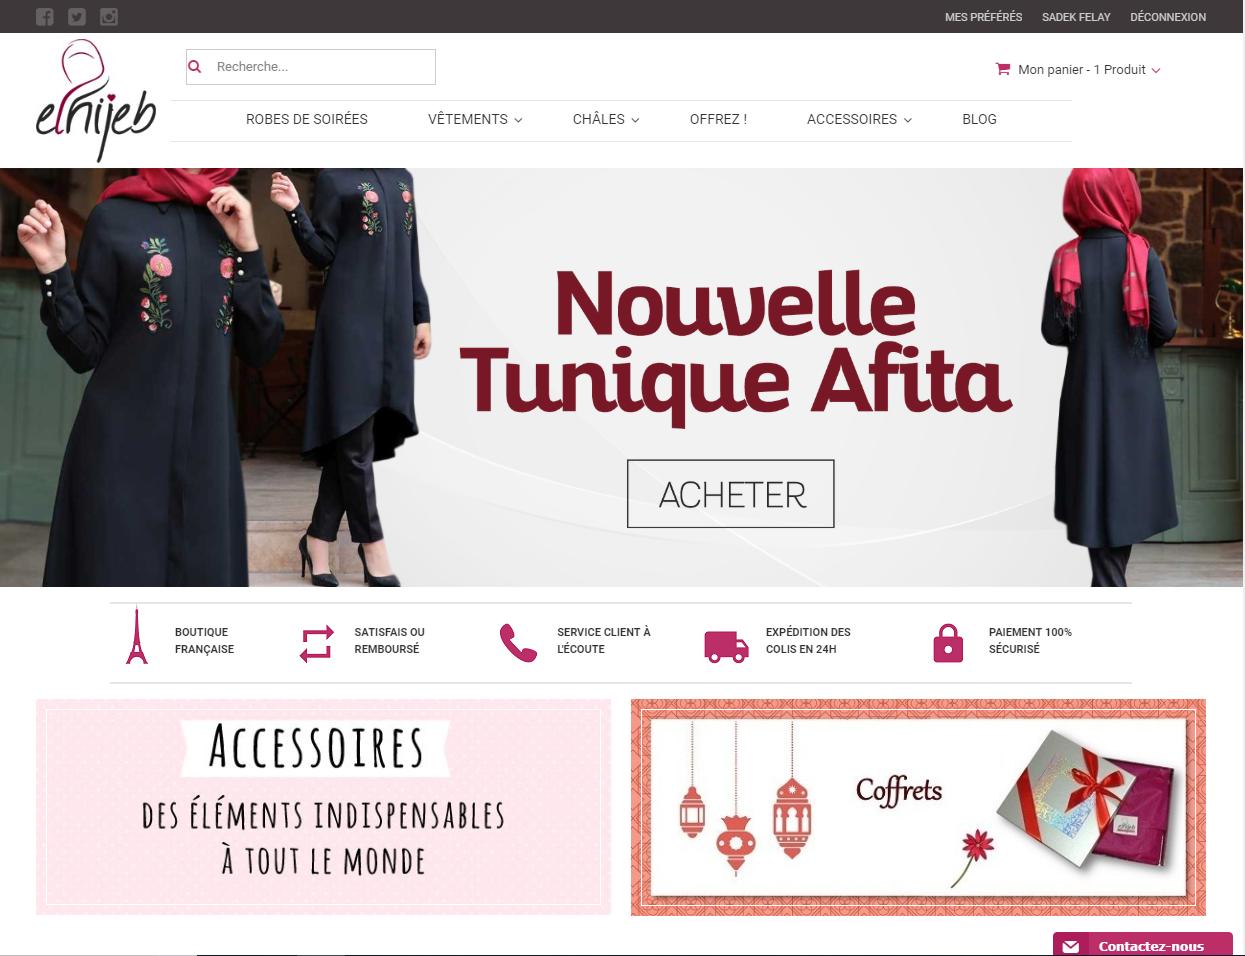 Site e-commerce elhijeb.com à céder